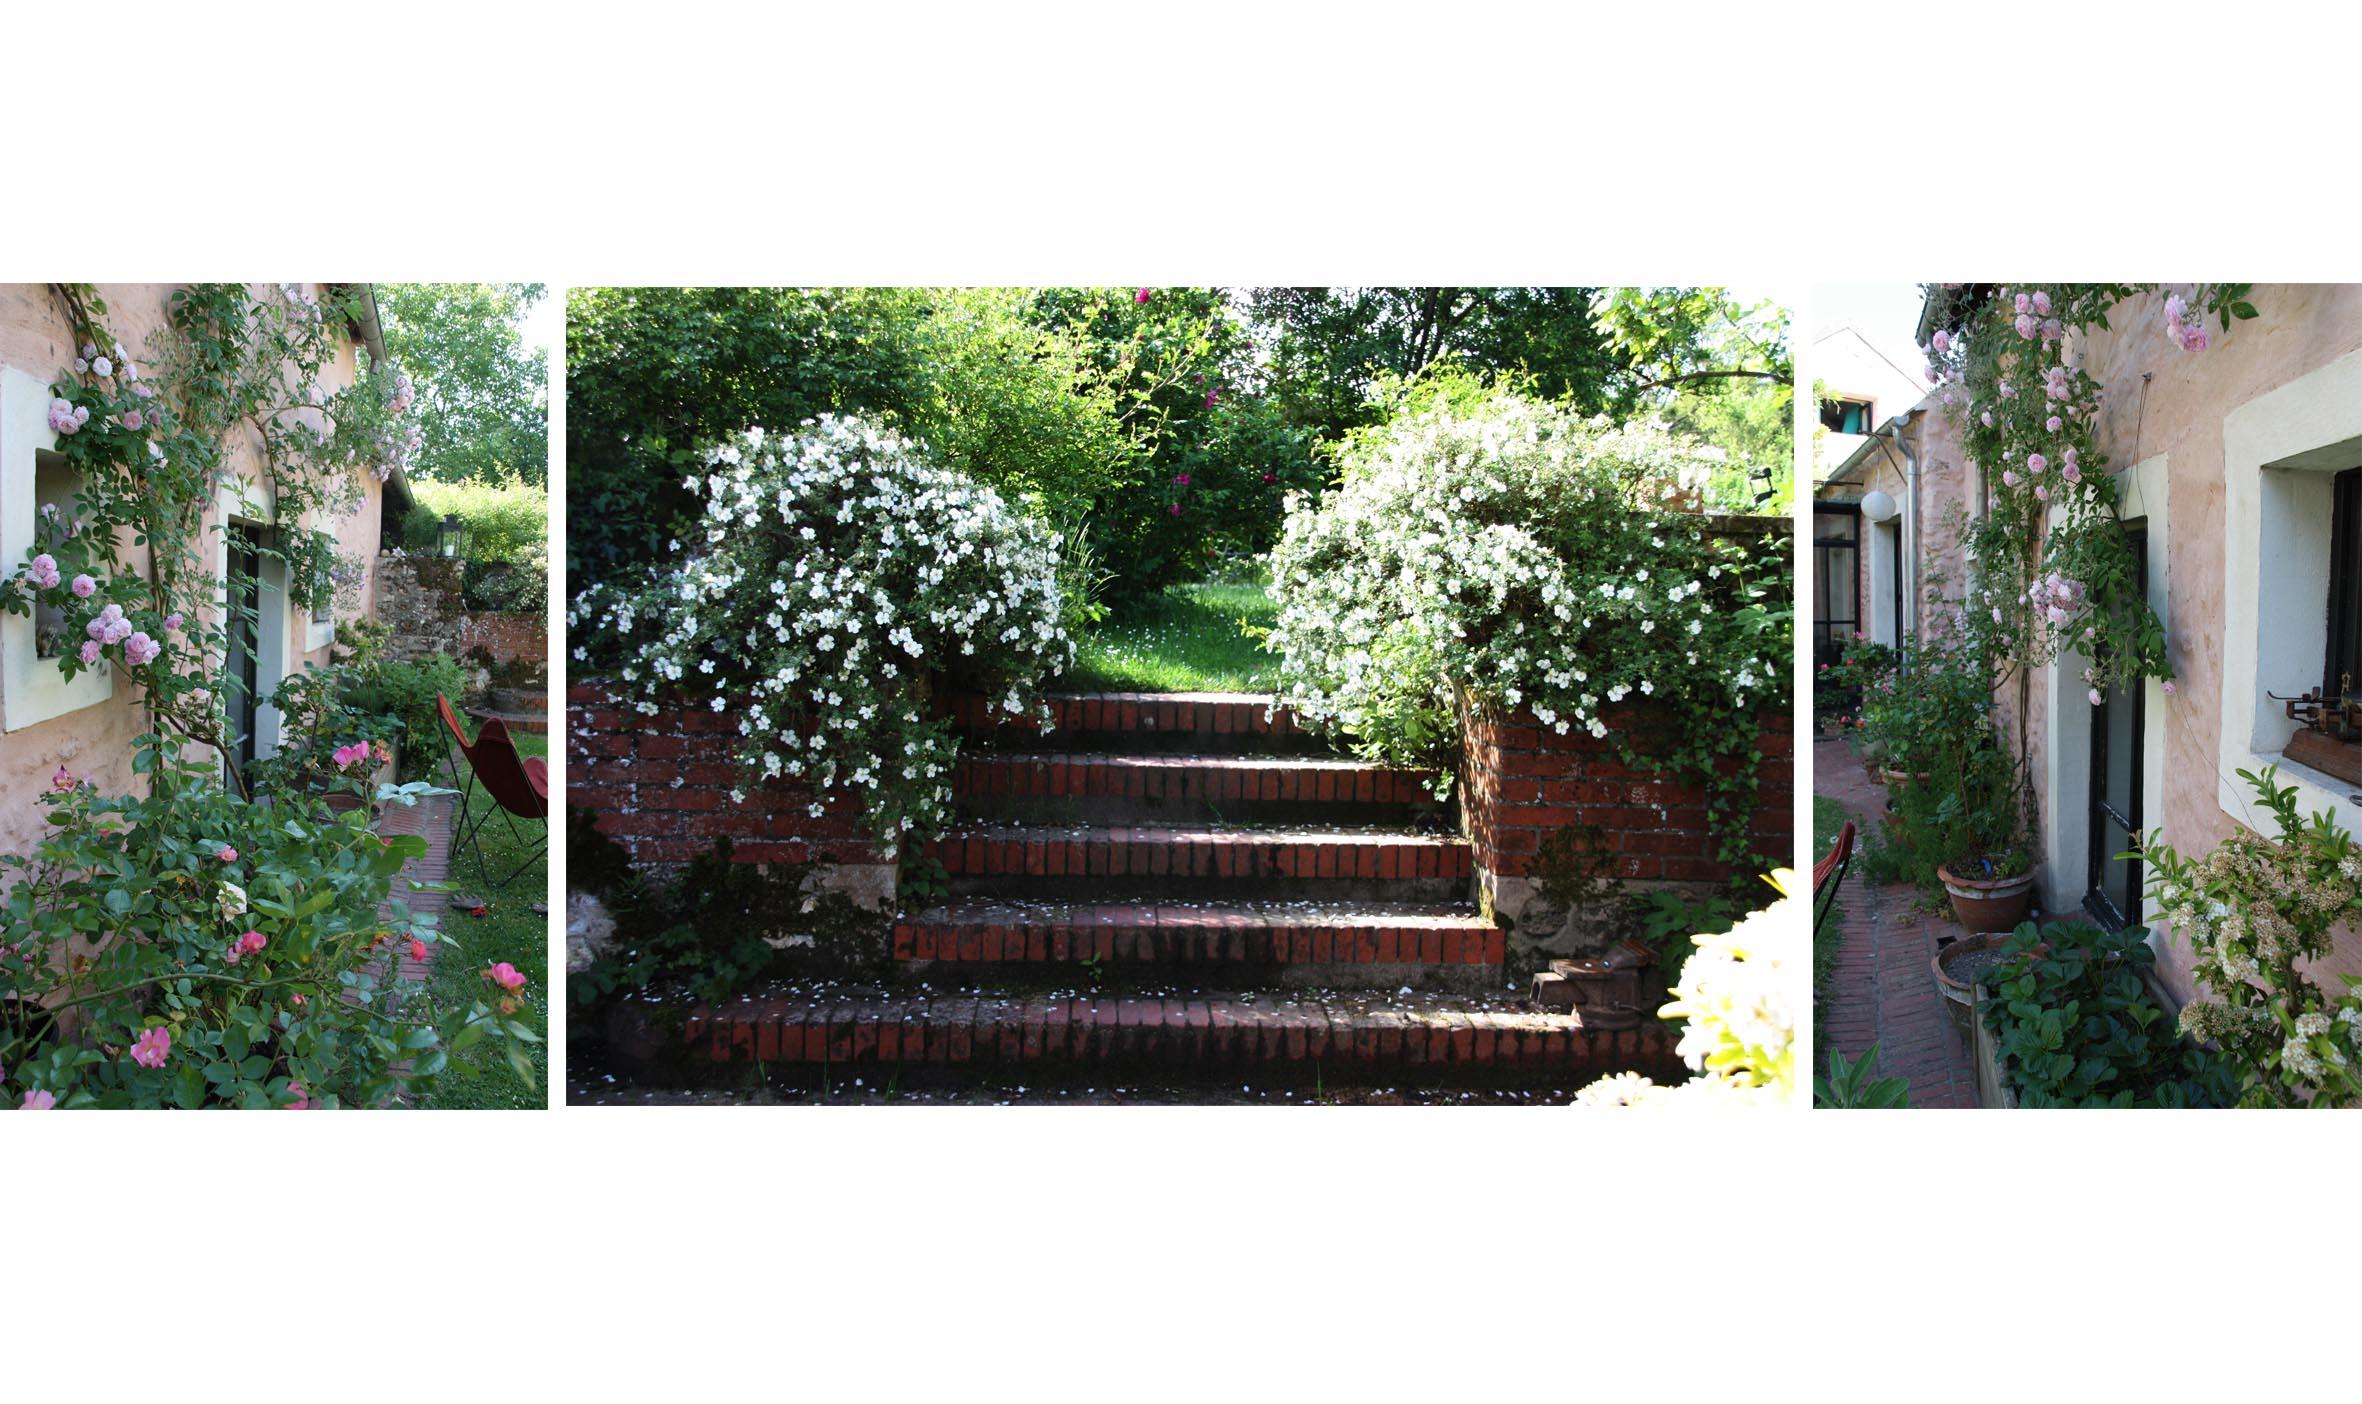 Escalier de la cour au jardin